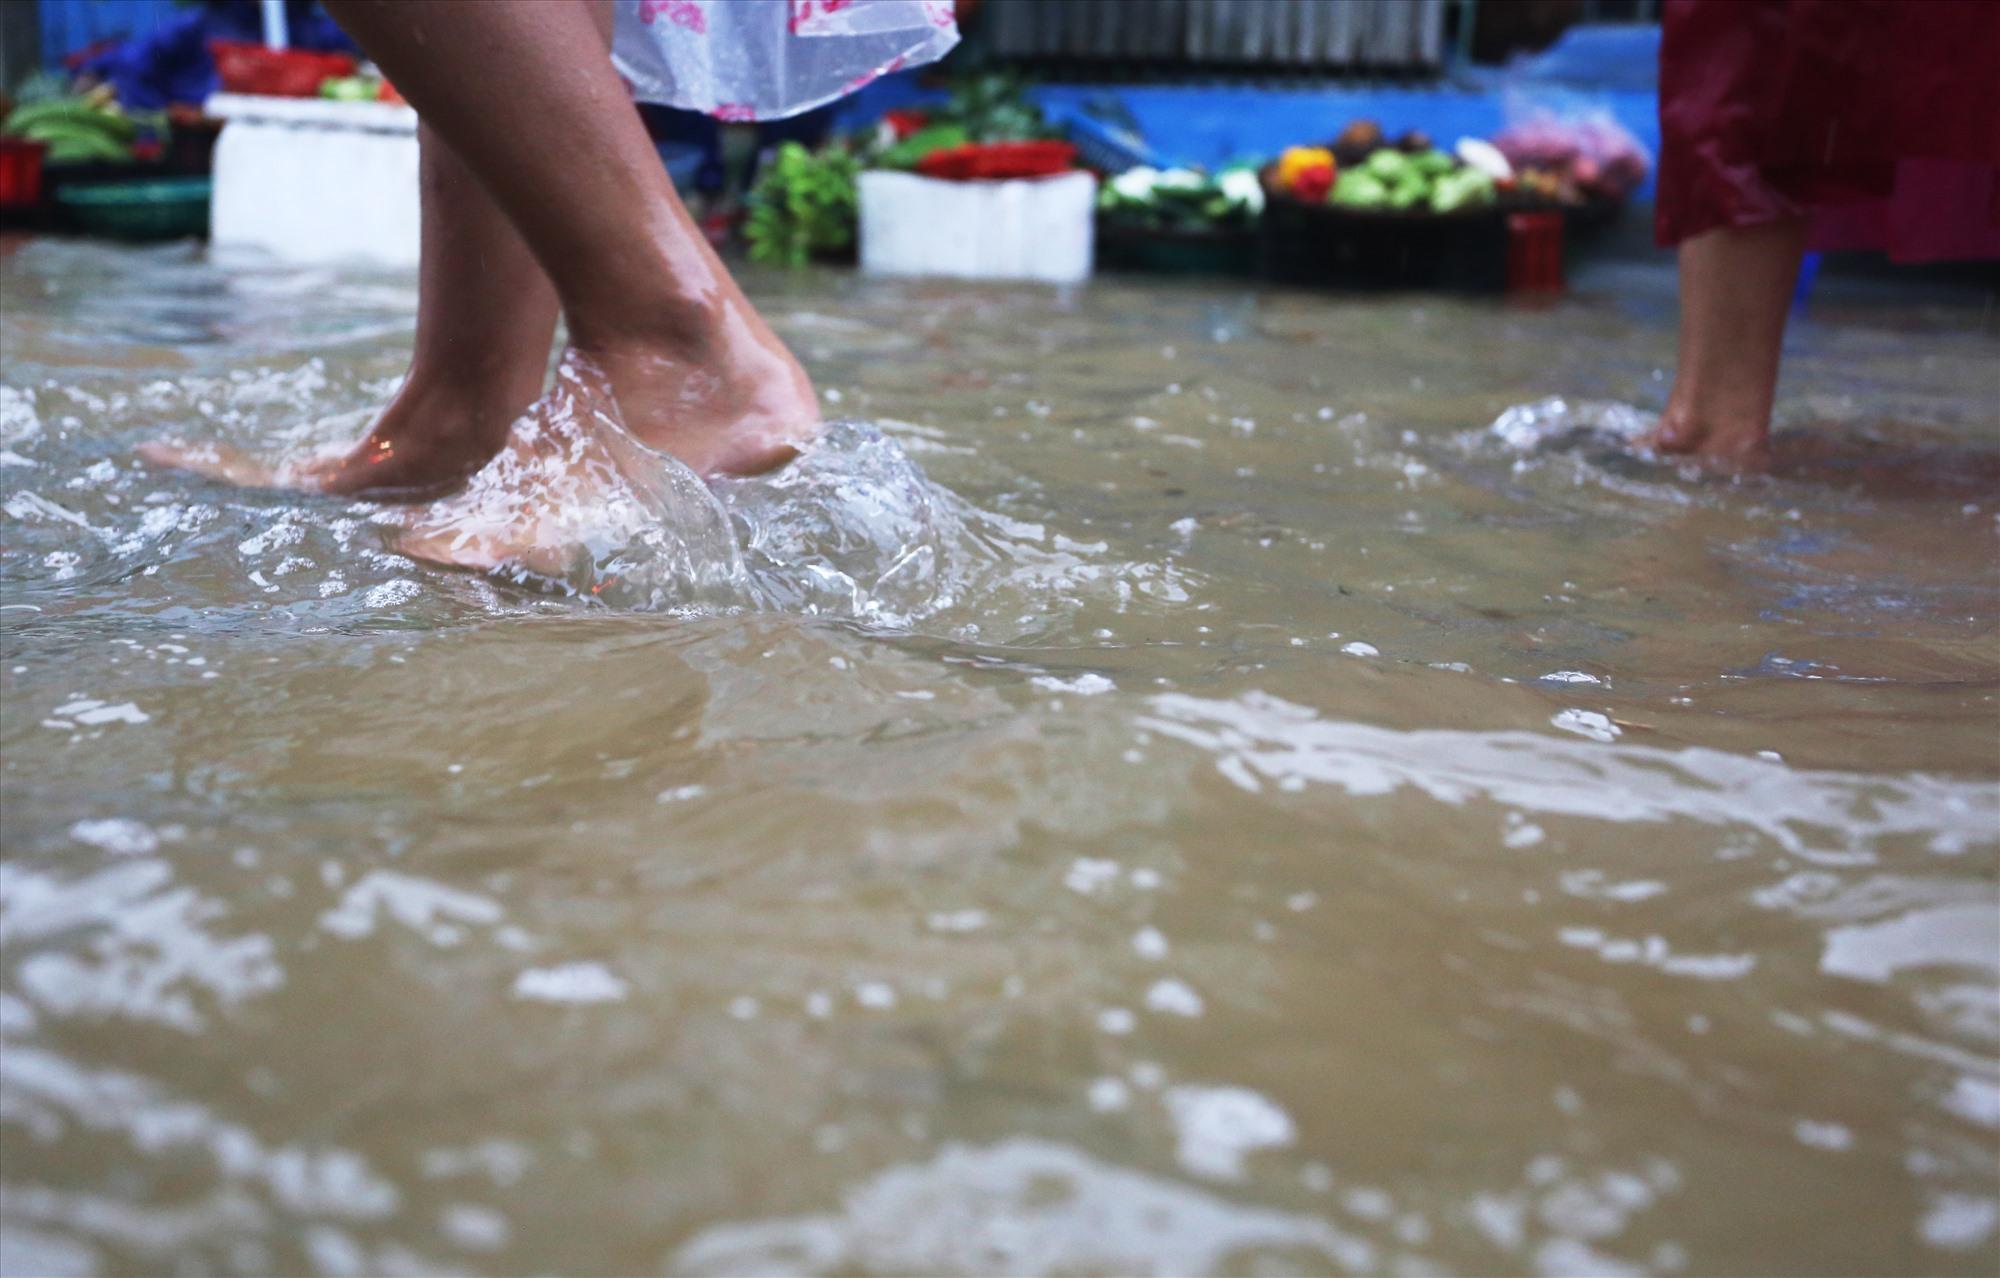 Để mua hàng, người dân xắn quần lên cao và lội nước để mua.